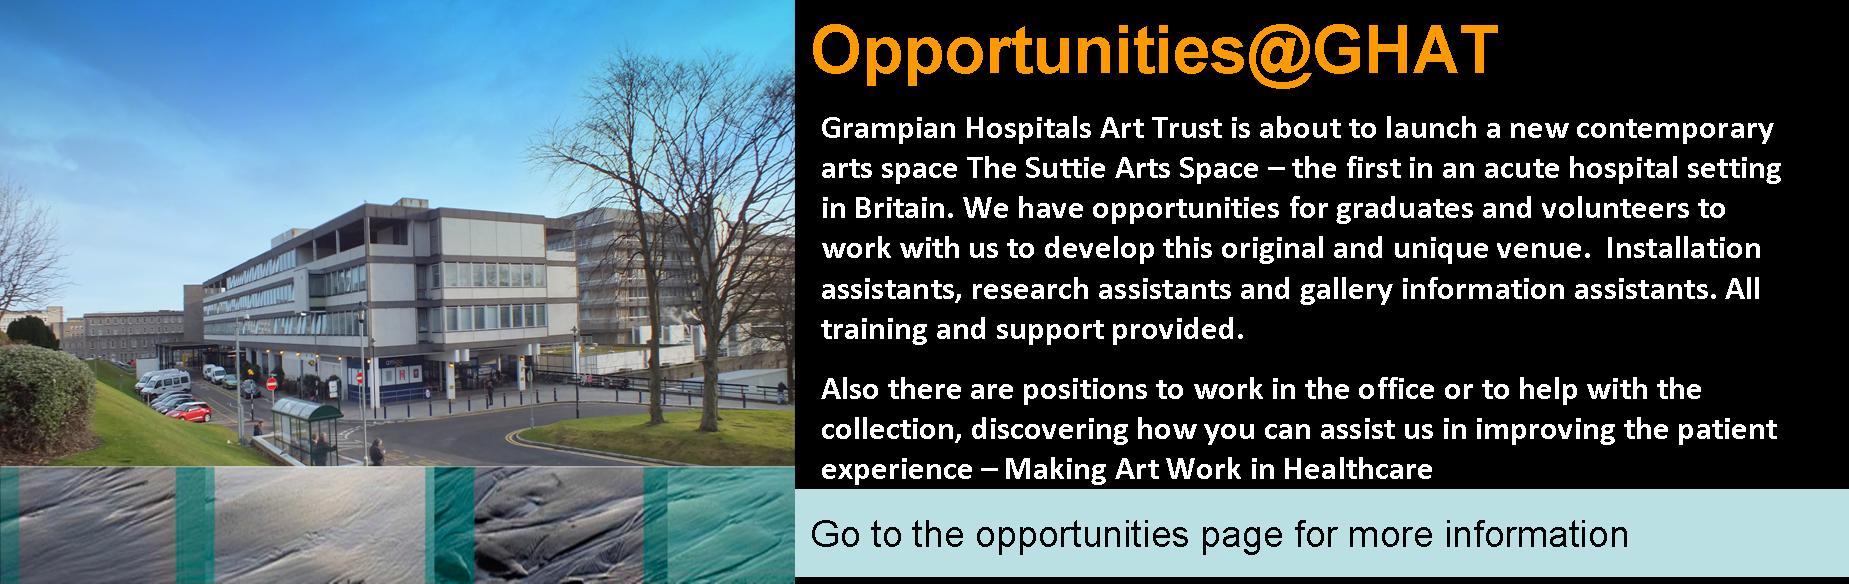 Graduate and volunteer opportunities